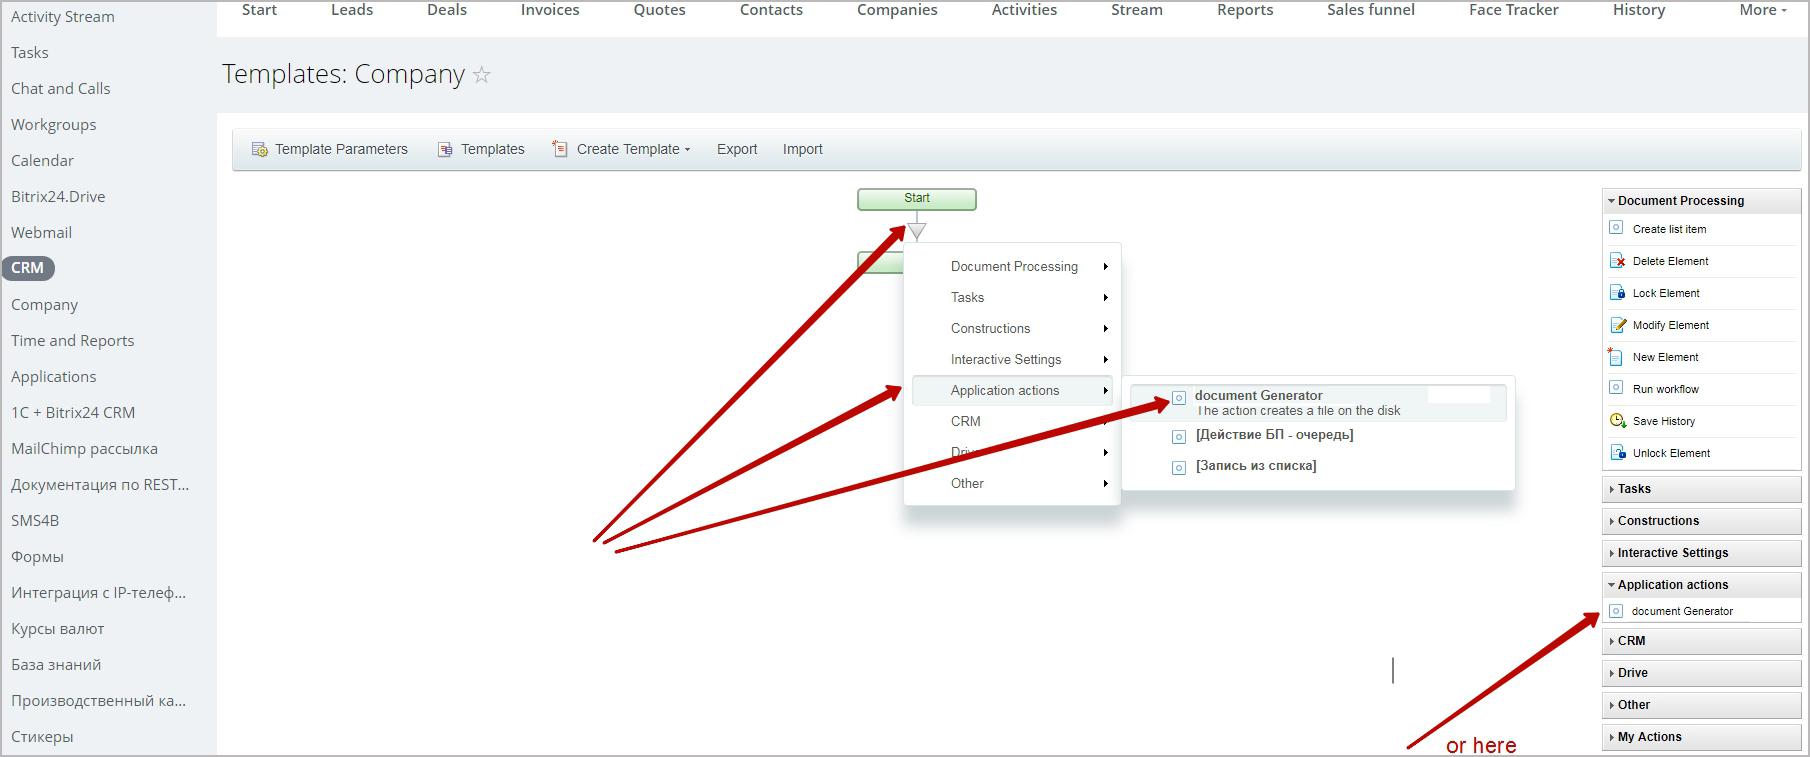 DocGen (Cloud) - screenshot 2